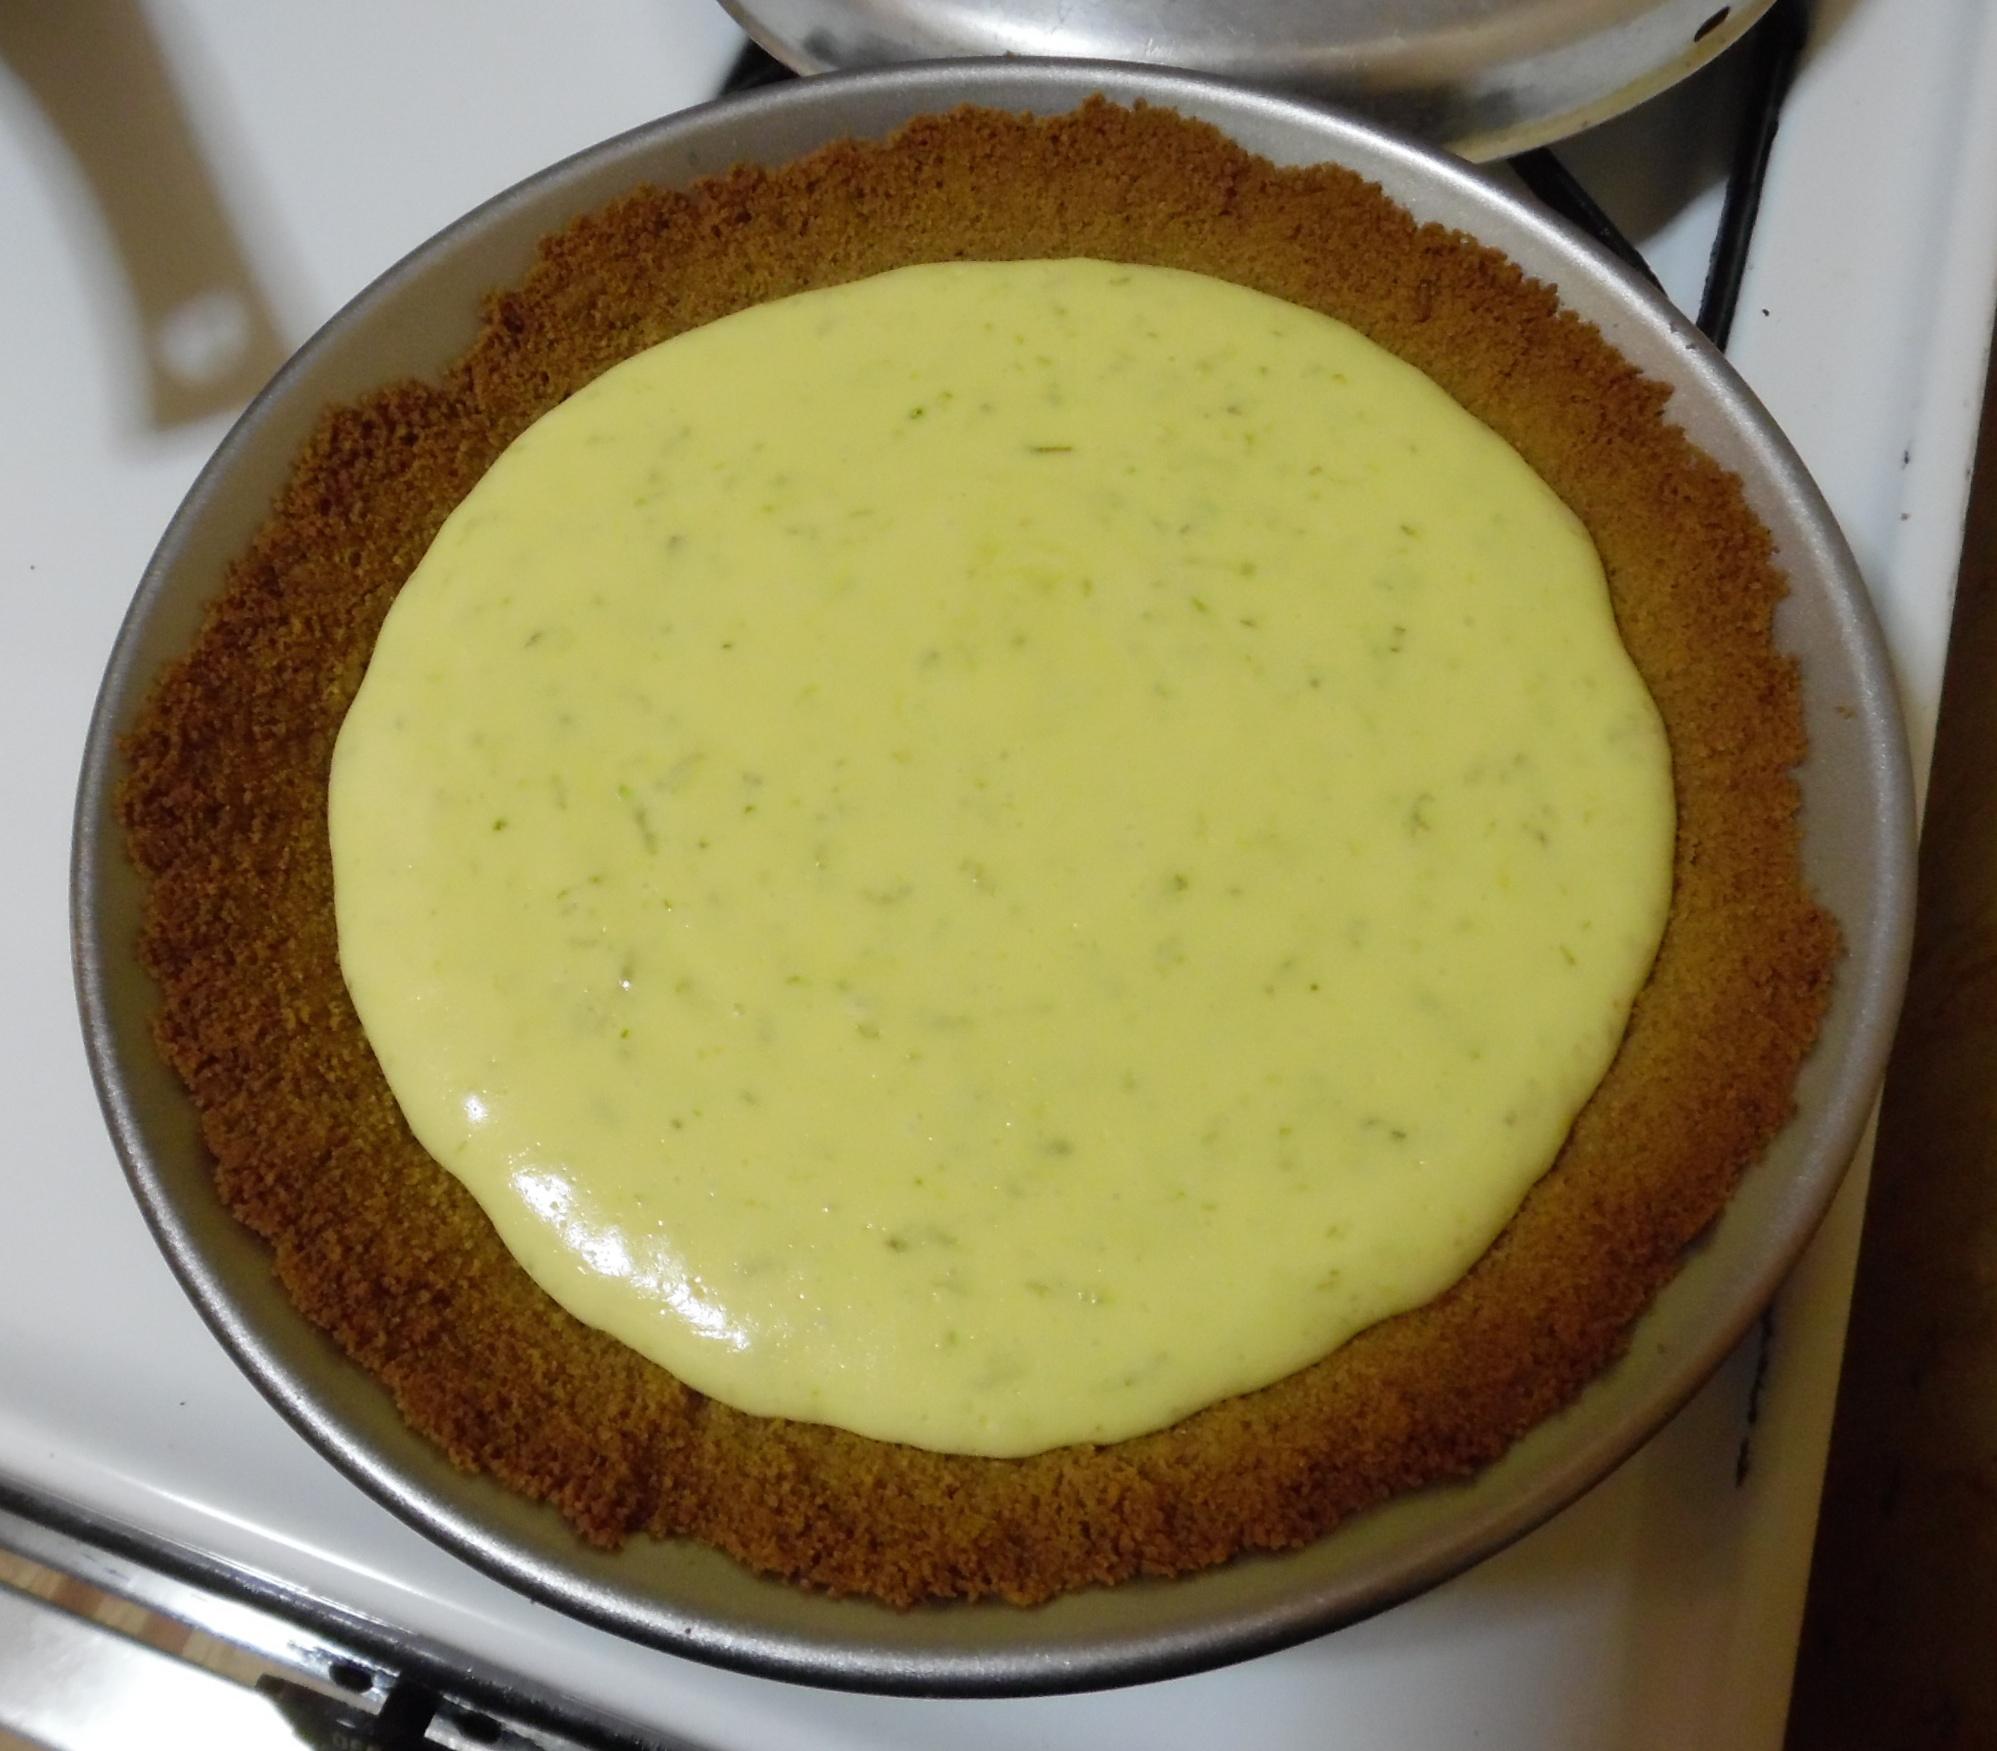 Filling after baking.